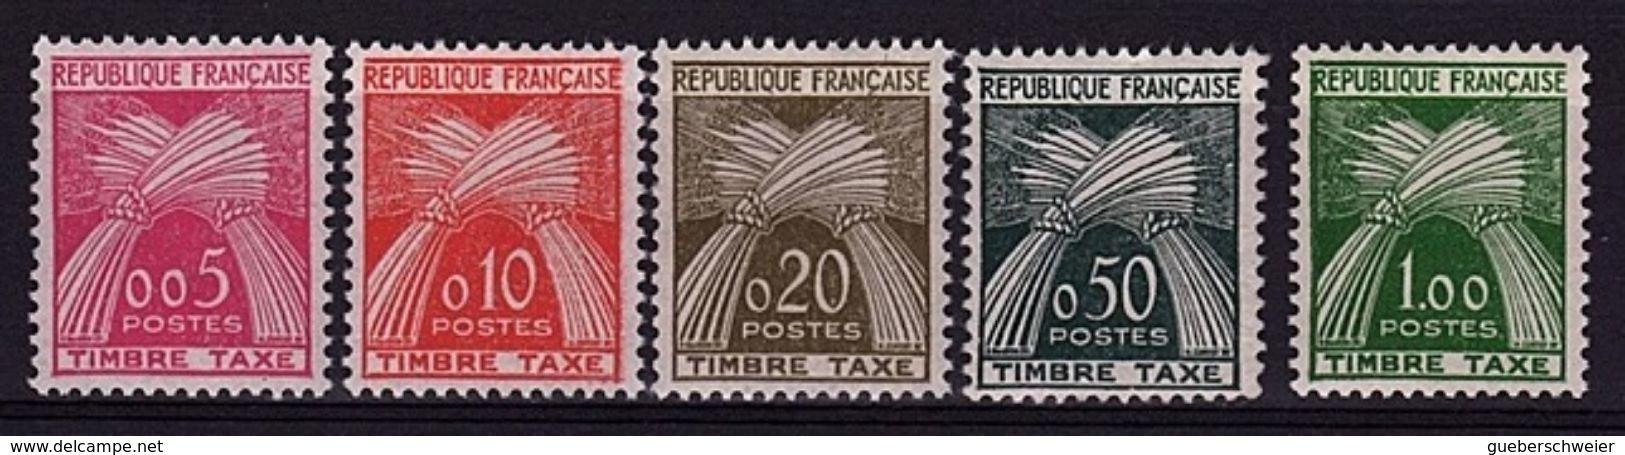 FR-TAXE1 - FRANCE TAXES N° 90/94 Neufs** 1er Choix - Postage Due